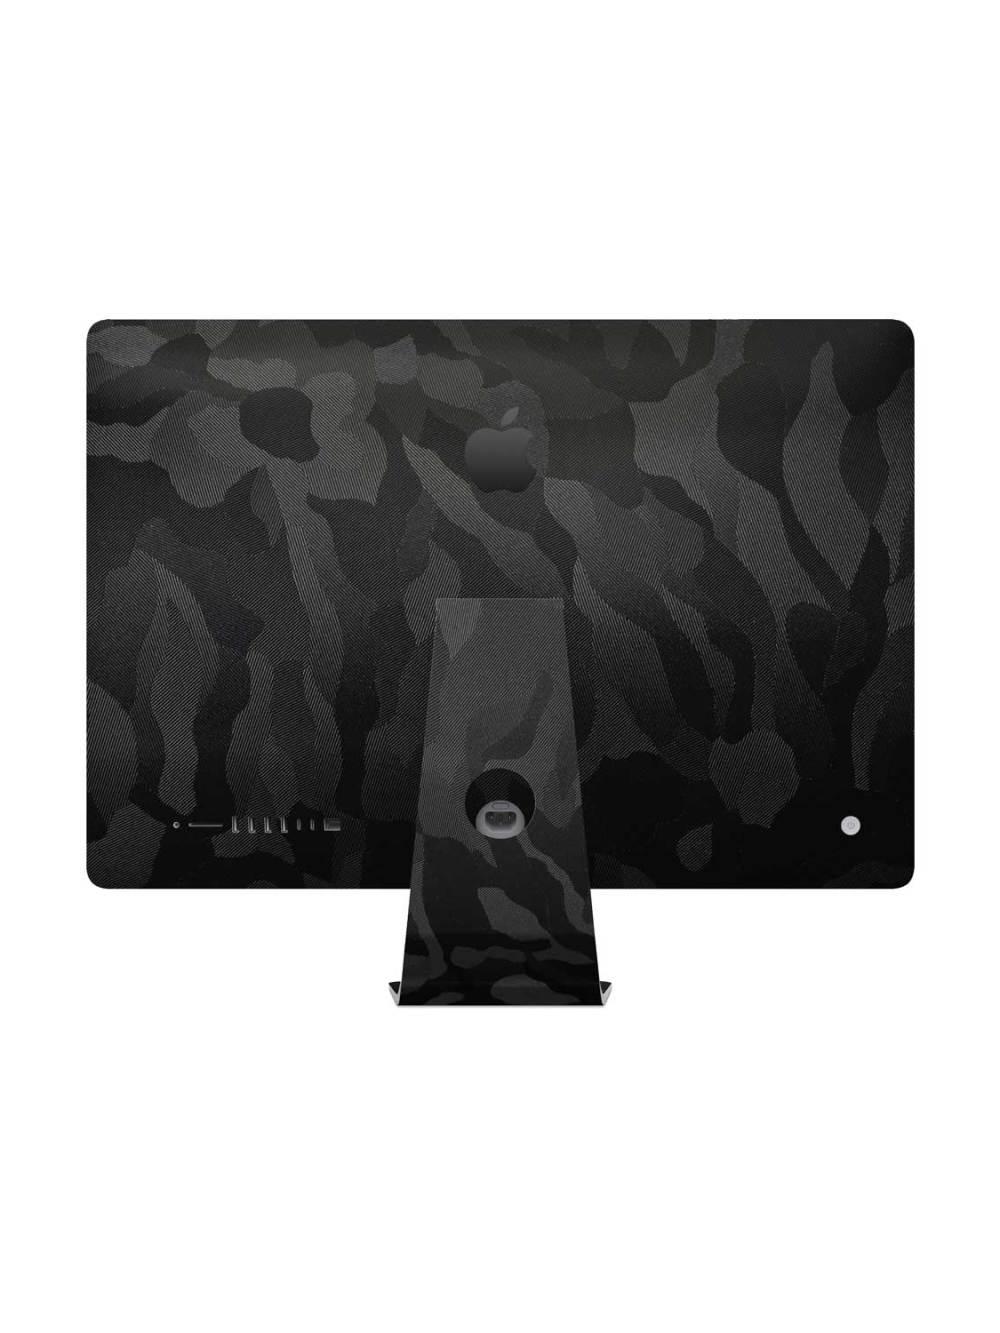 3M Black Camo Skin for Apple iMac 27-inch